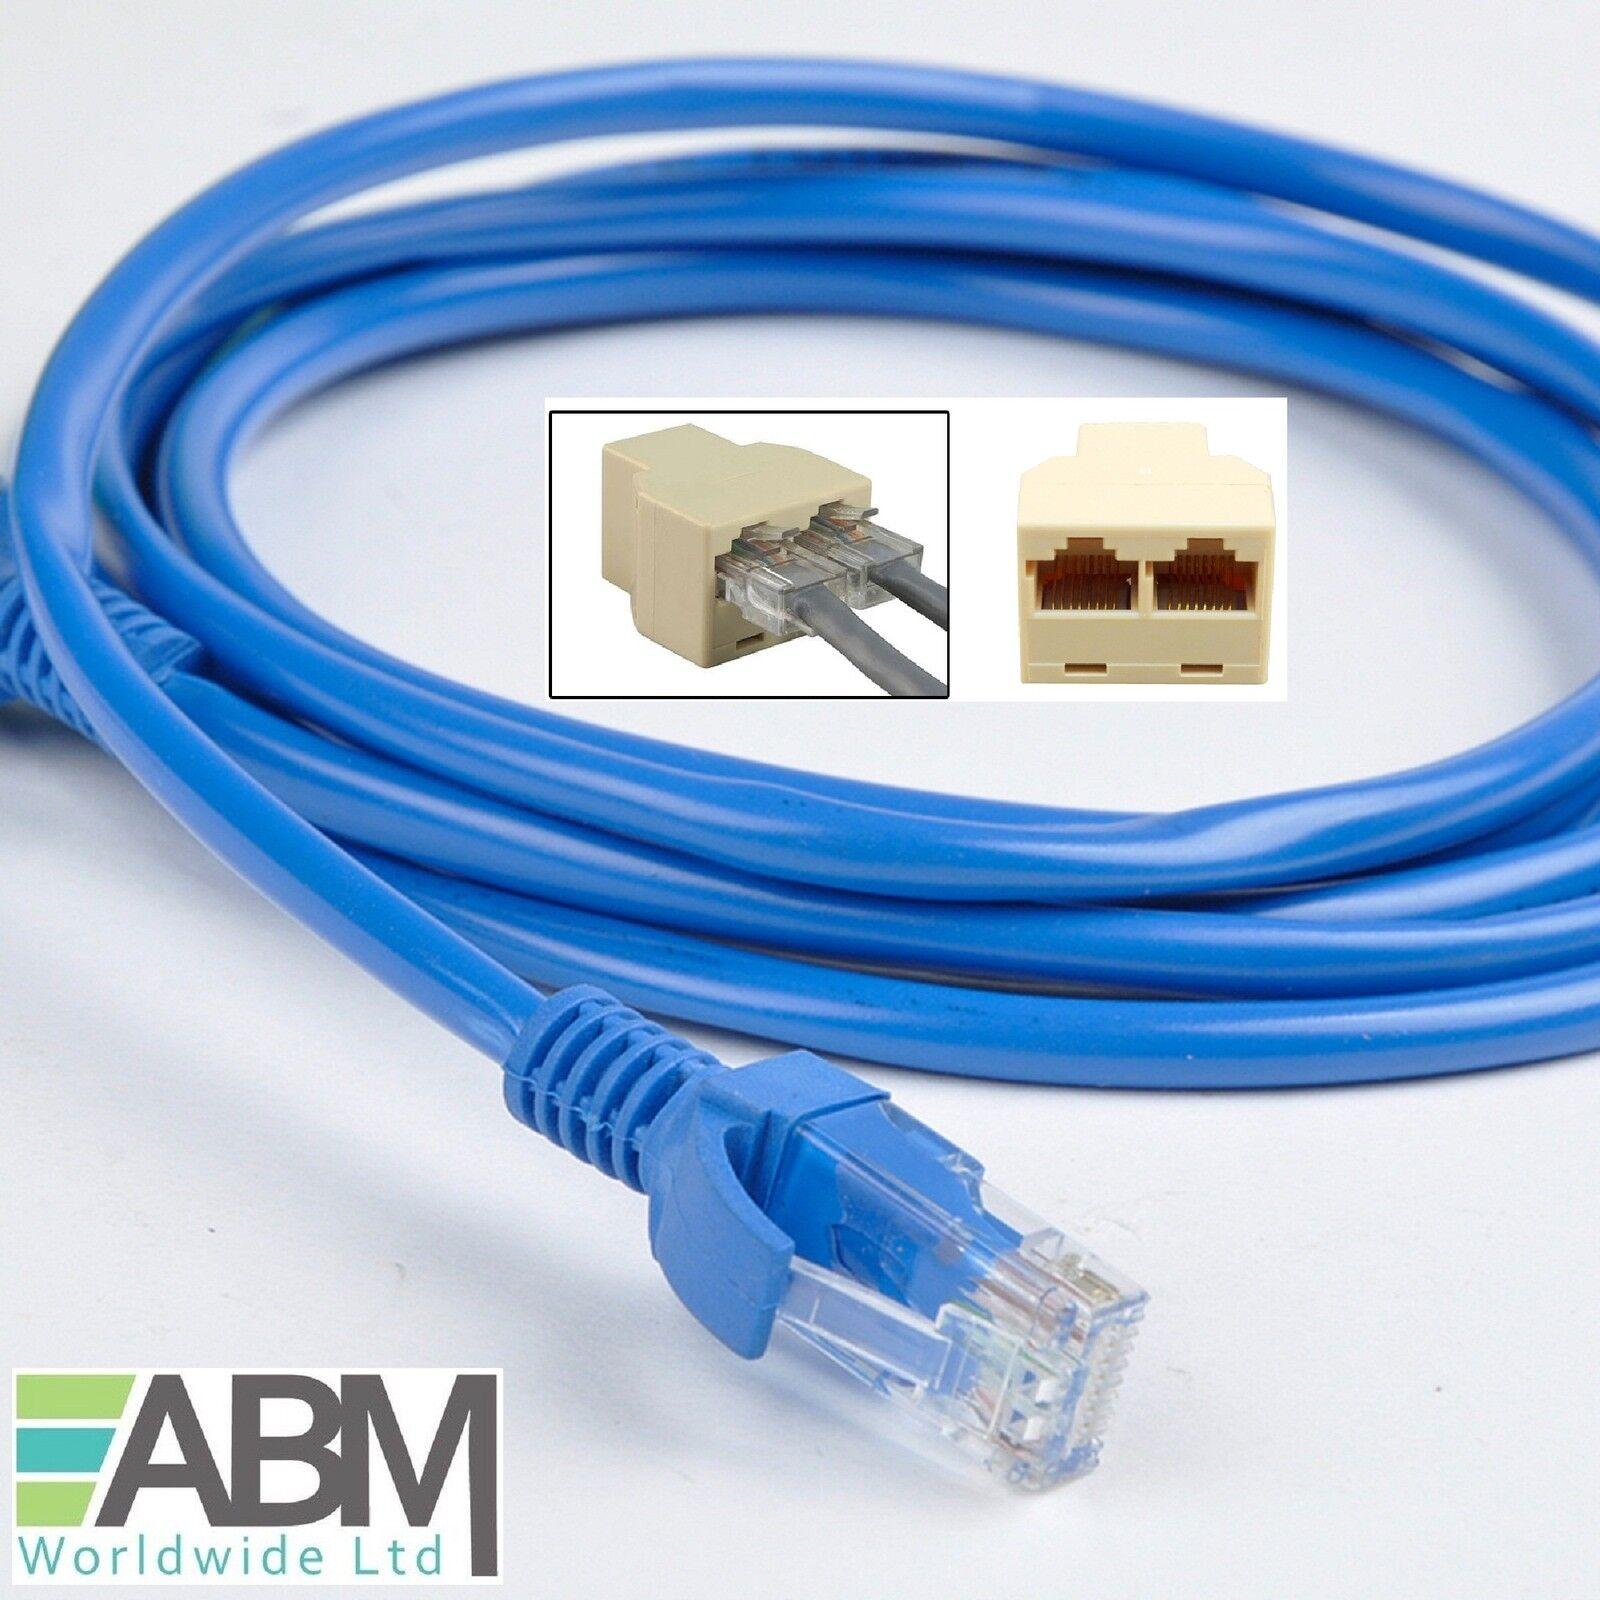 2 x 15m BLUE Ethernet RJ45 Cat5E PATCH Cable + 1 x 3 Ports Y Joiner - Splitter